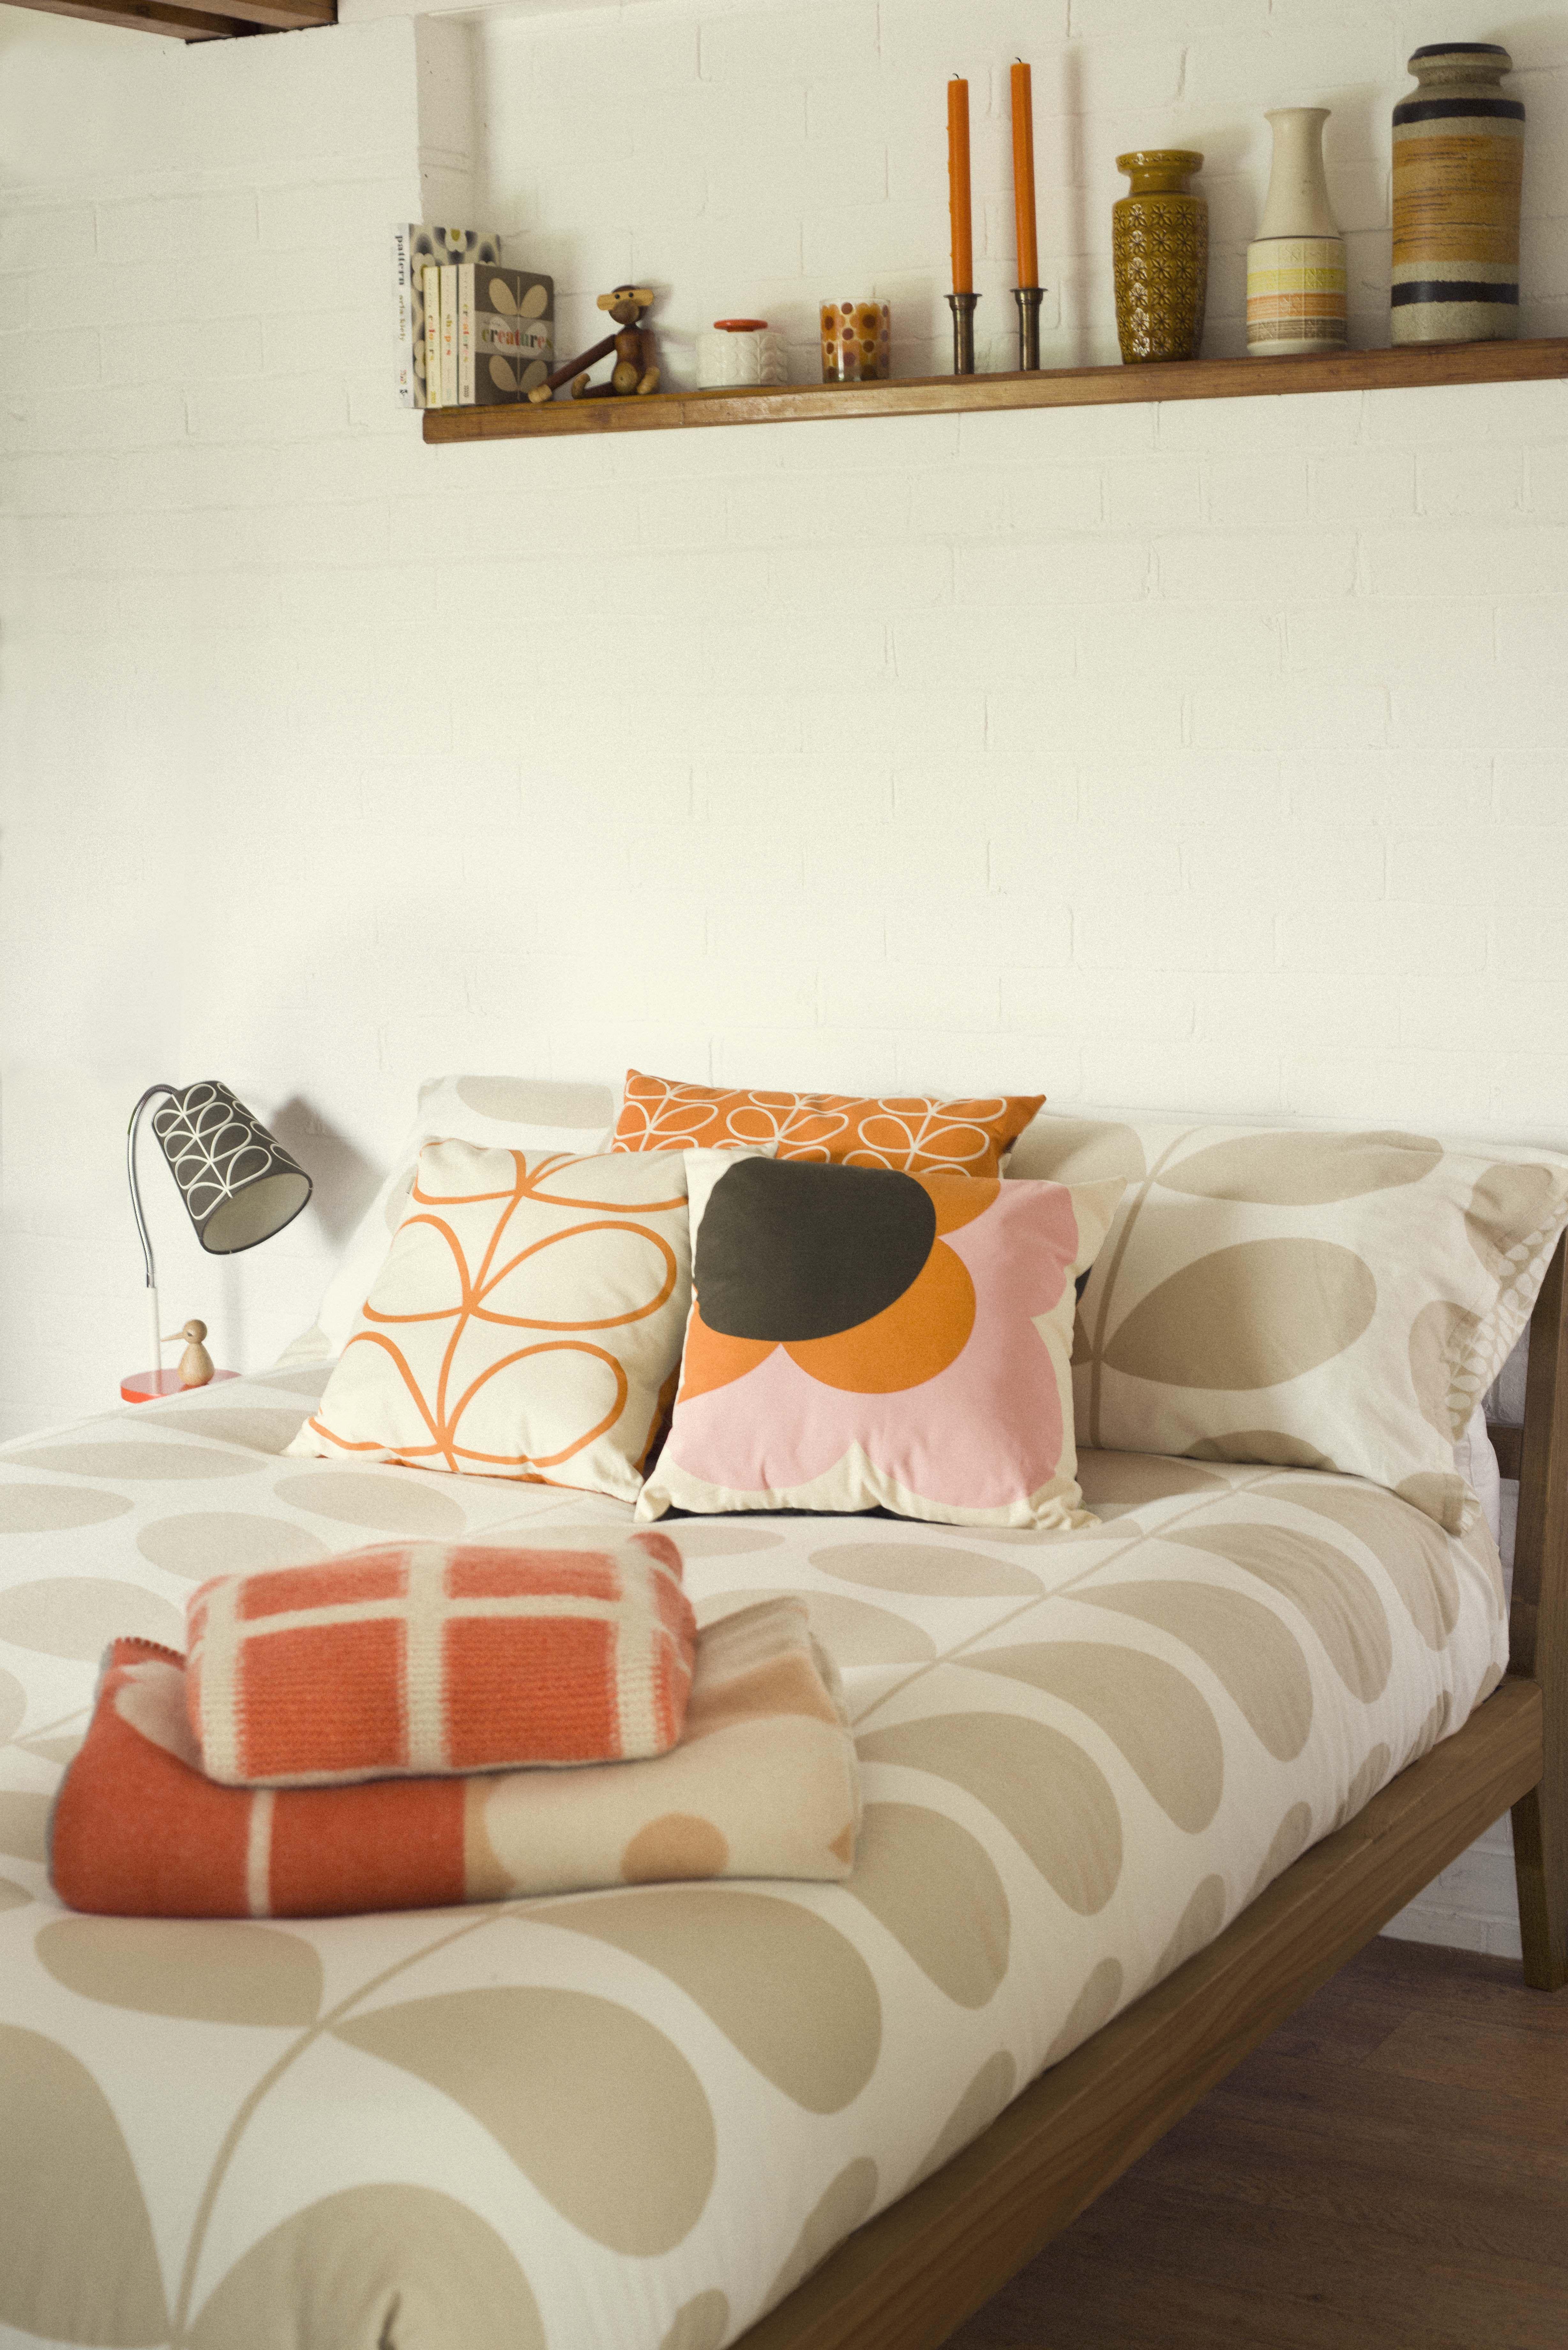 ORLA KIELY LIFESTYLE SHOOT AW 4  Orla kiely bedding, Mid century